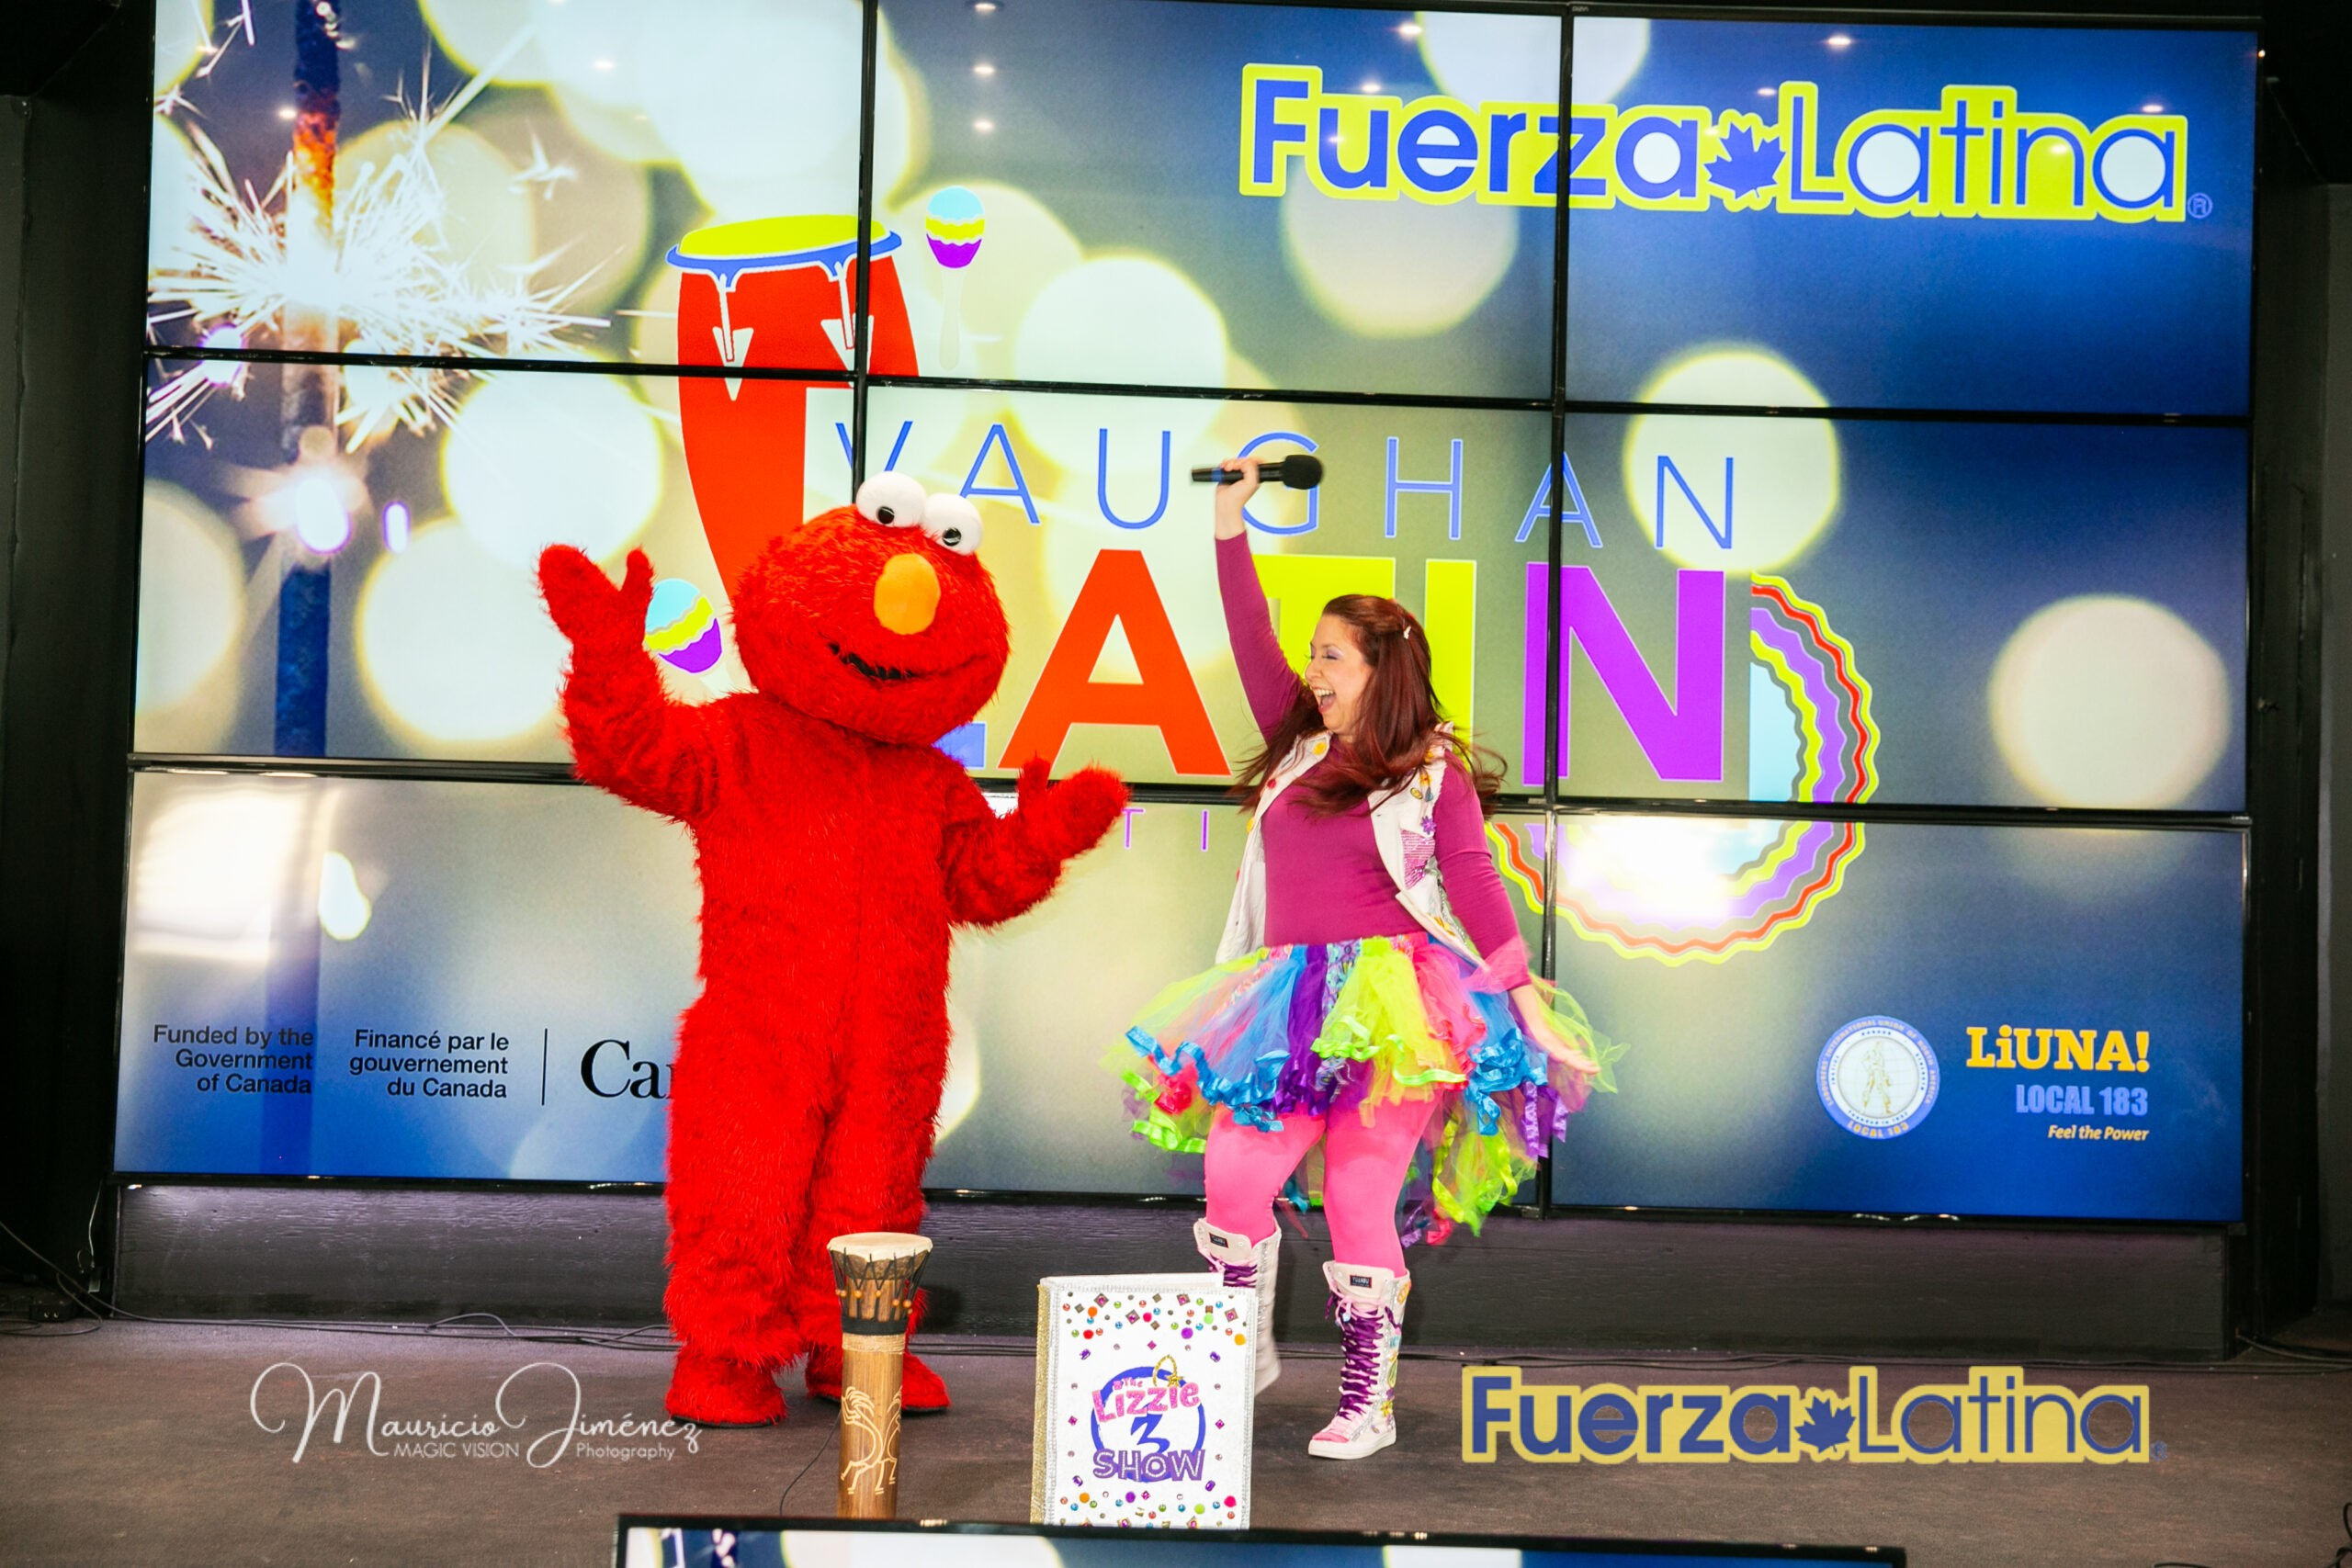 Magic_Vision-Fuerza_Latina-2020-09-20_314